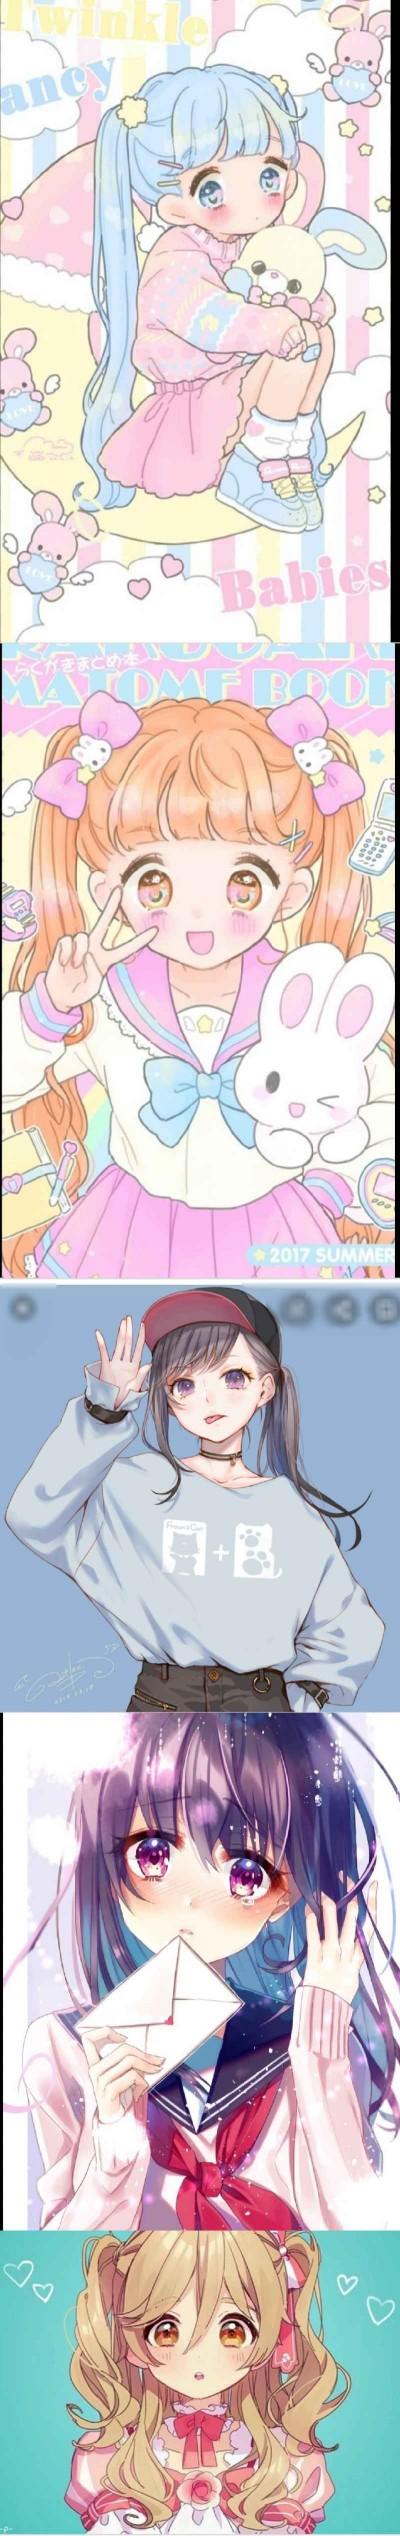 프사 골라줘엉 2번   yui_0828   Digital Drawing   PENUP